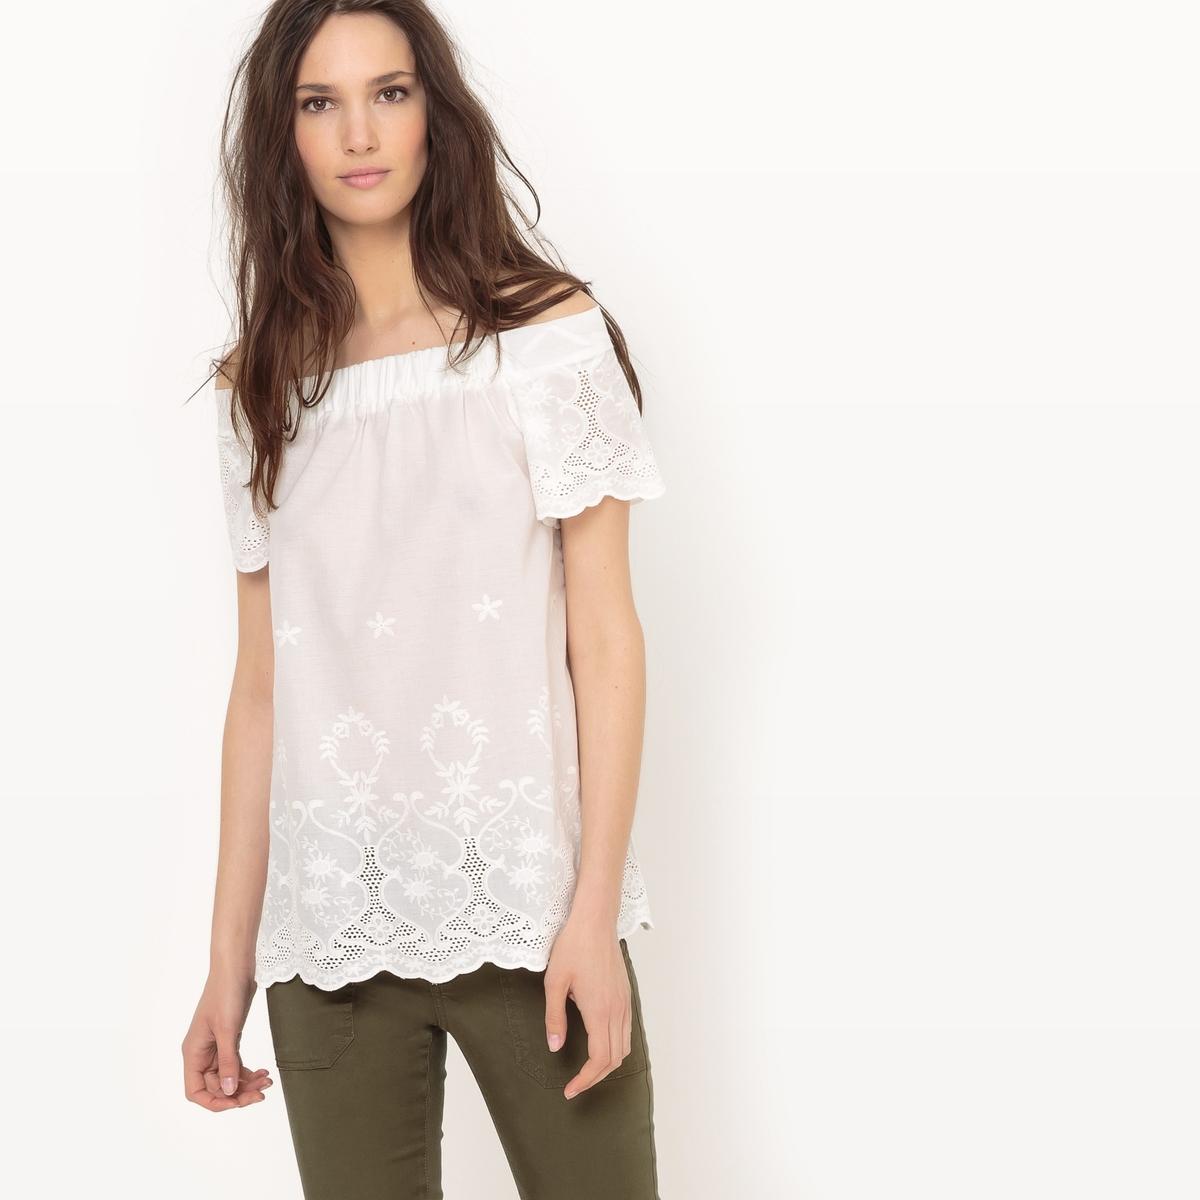 Блузка однотонная с короткими рукавами блузка однотонная с короткими рукавами